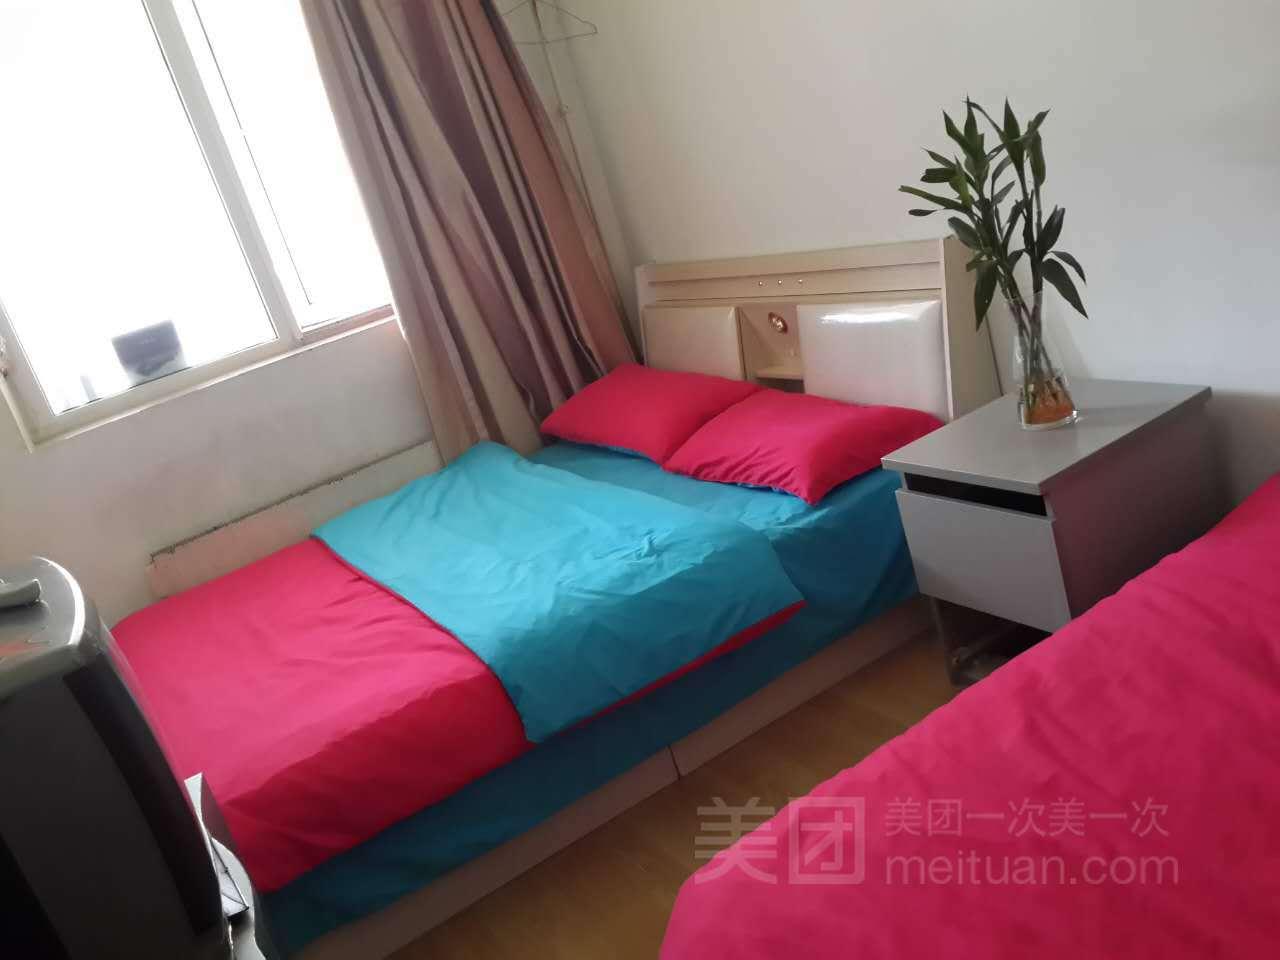 安贞馨和短租公寓预订/团购